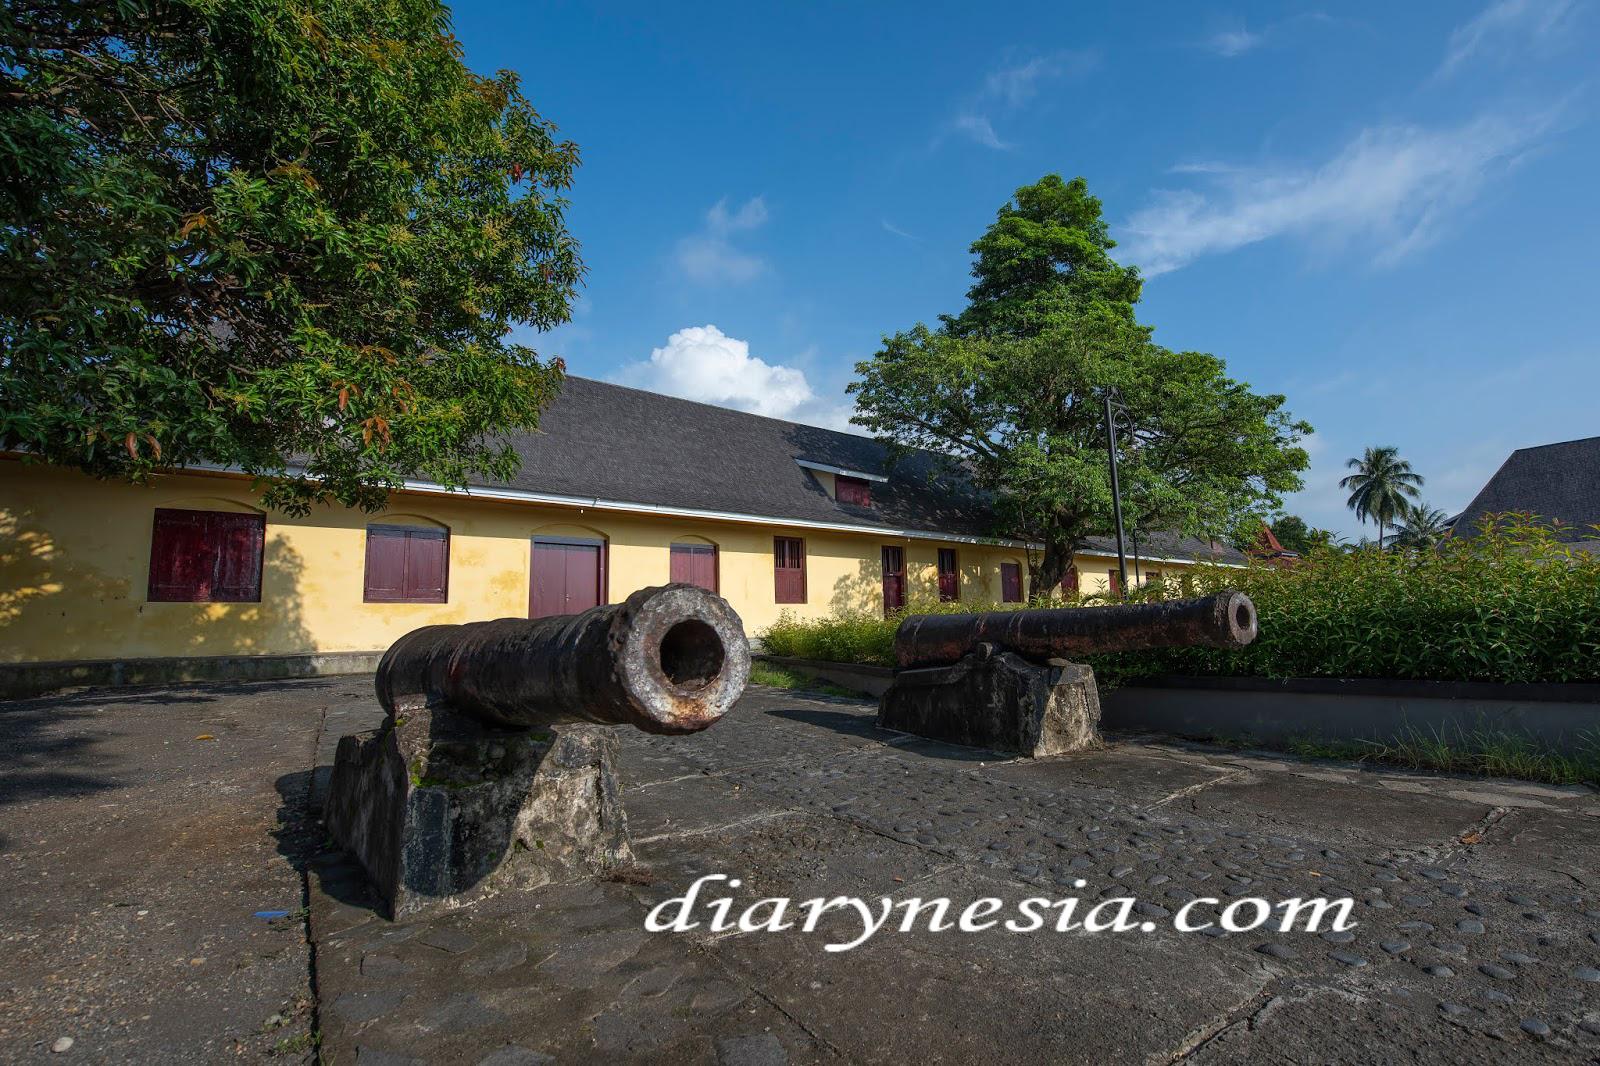 sultanate of ternate, north maluku tourism, ternate island, diarynesia